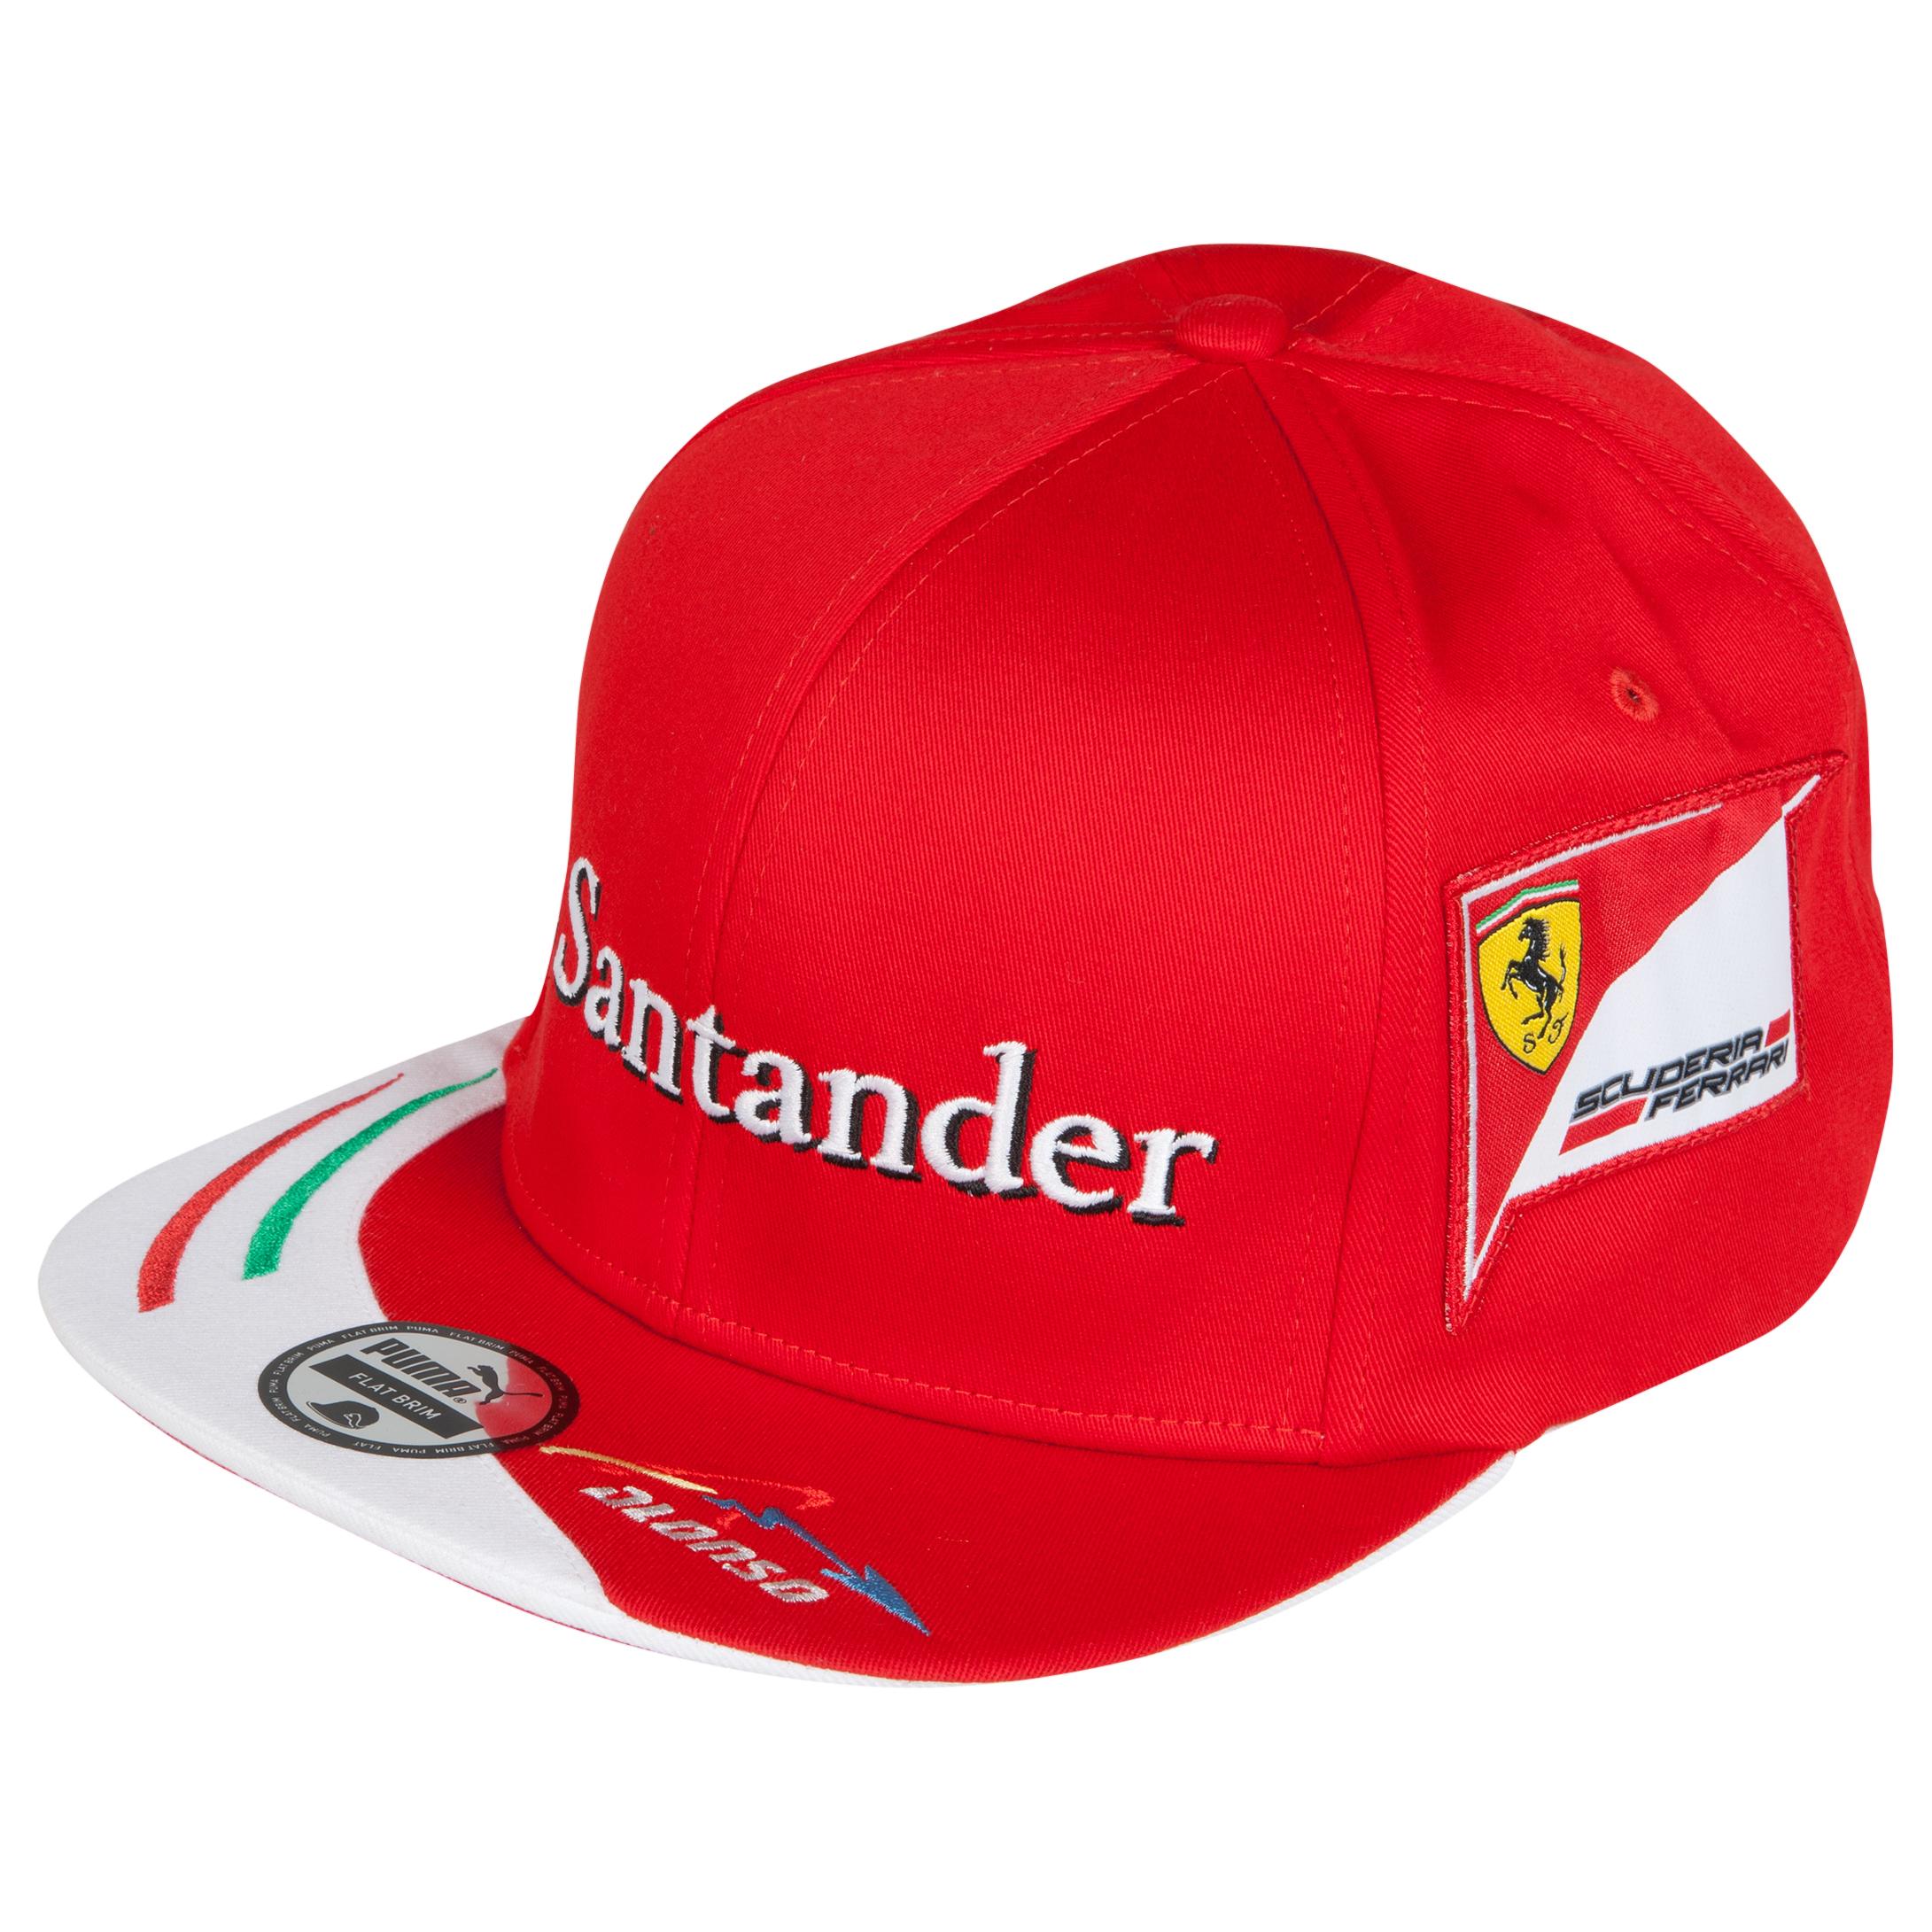 Scuderia Ferrari Alonso Driver Cap